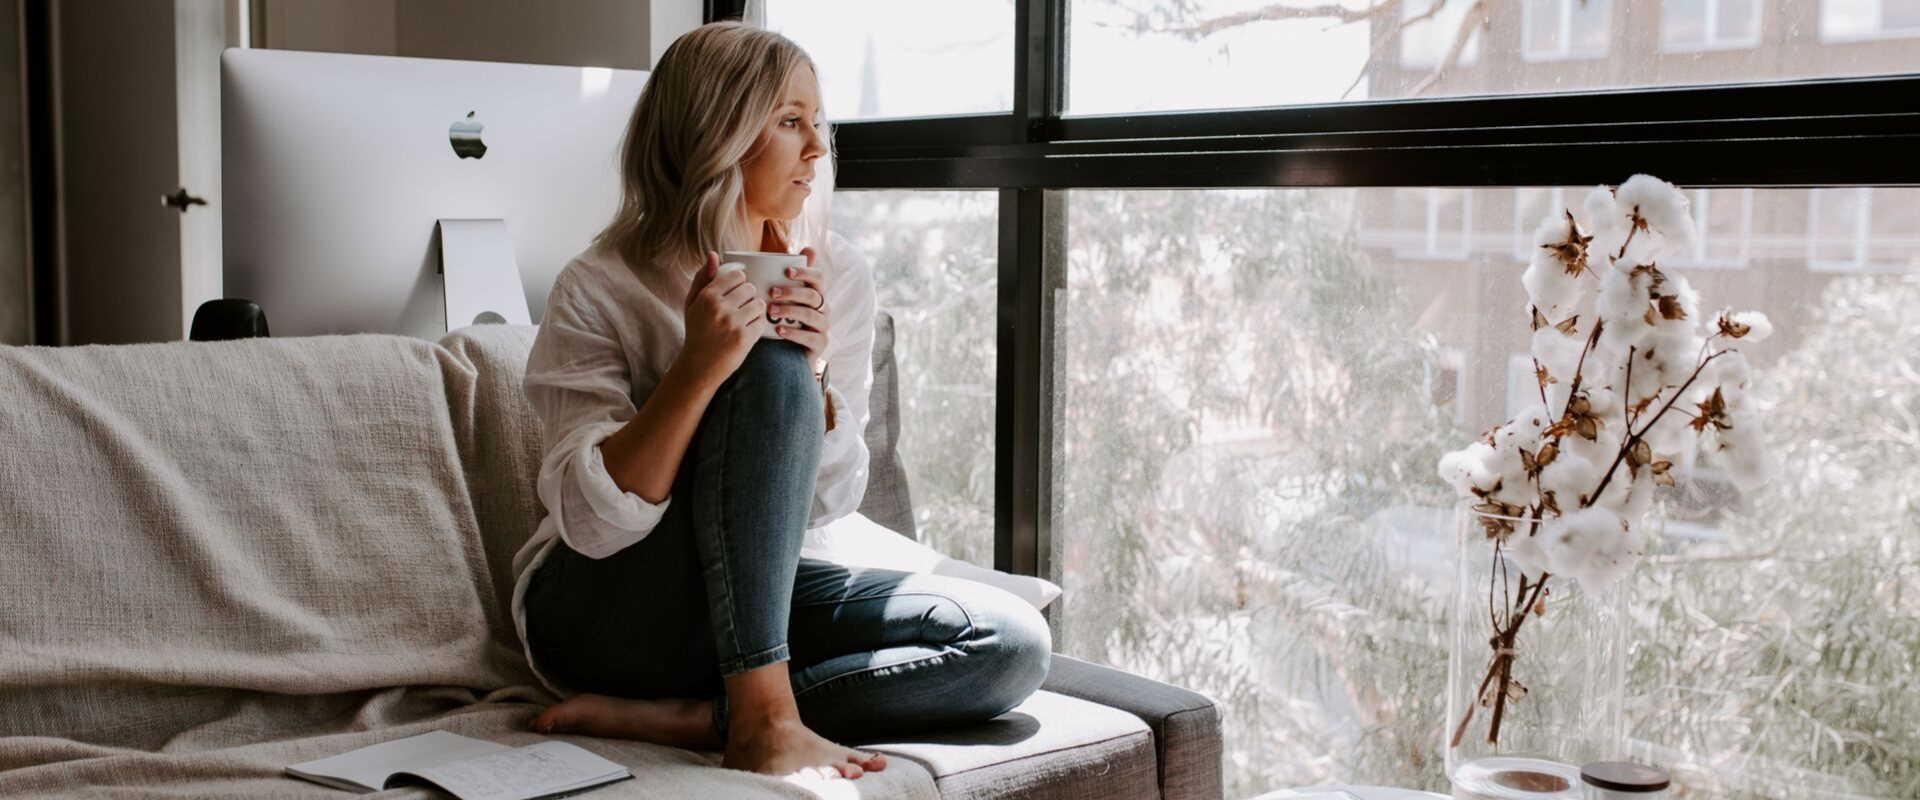 Acht Anzeichen, dass deine Hormone nicht im Gleichgewicht sind